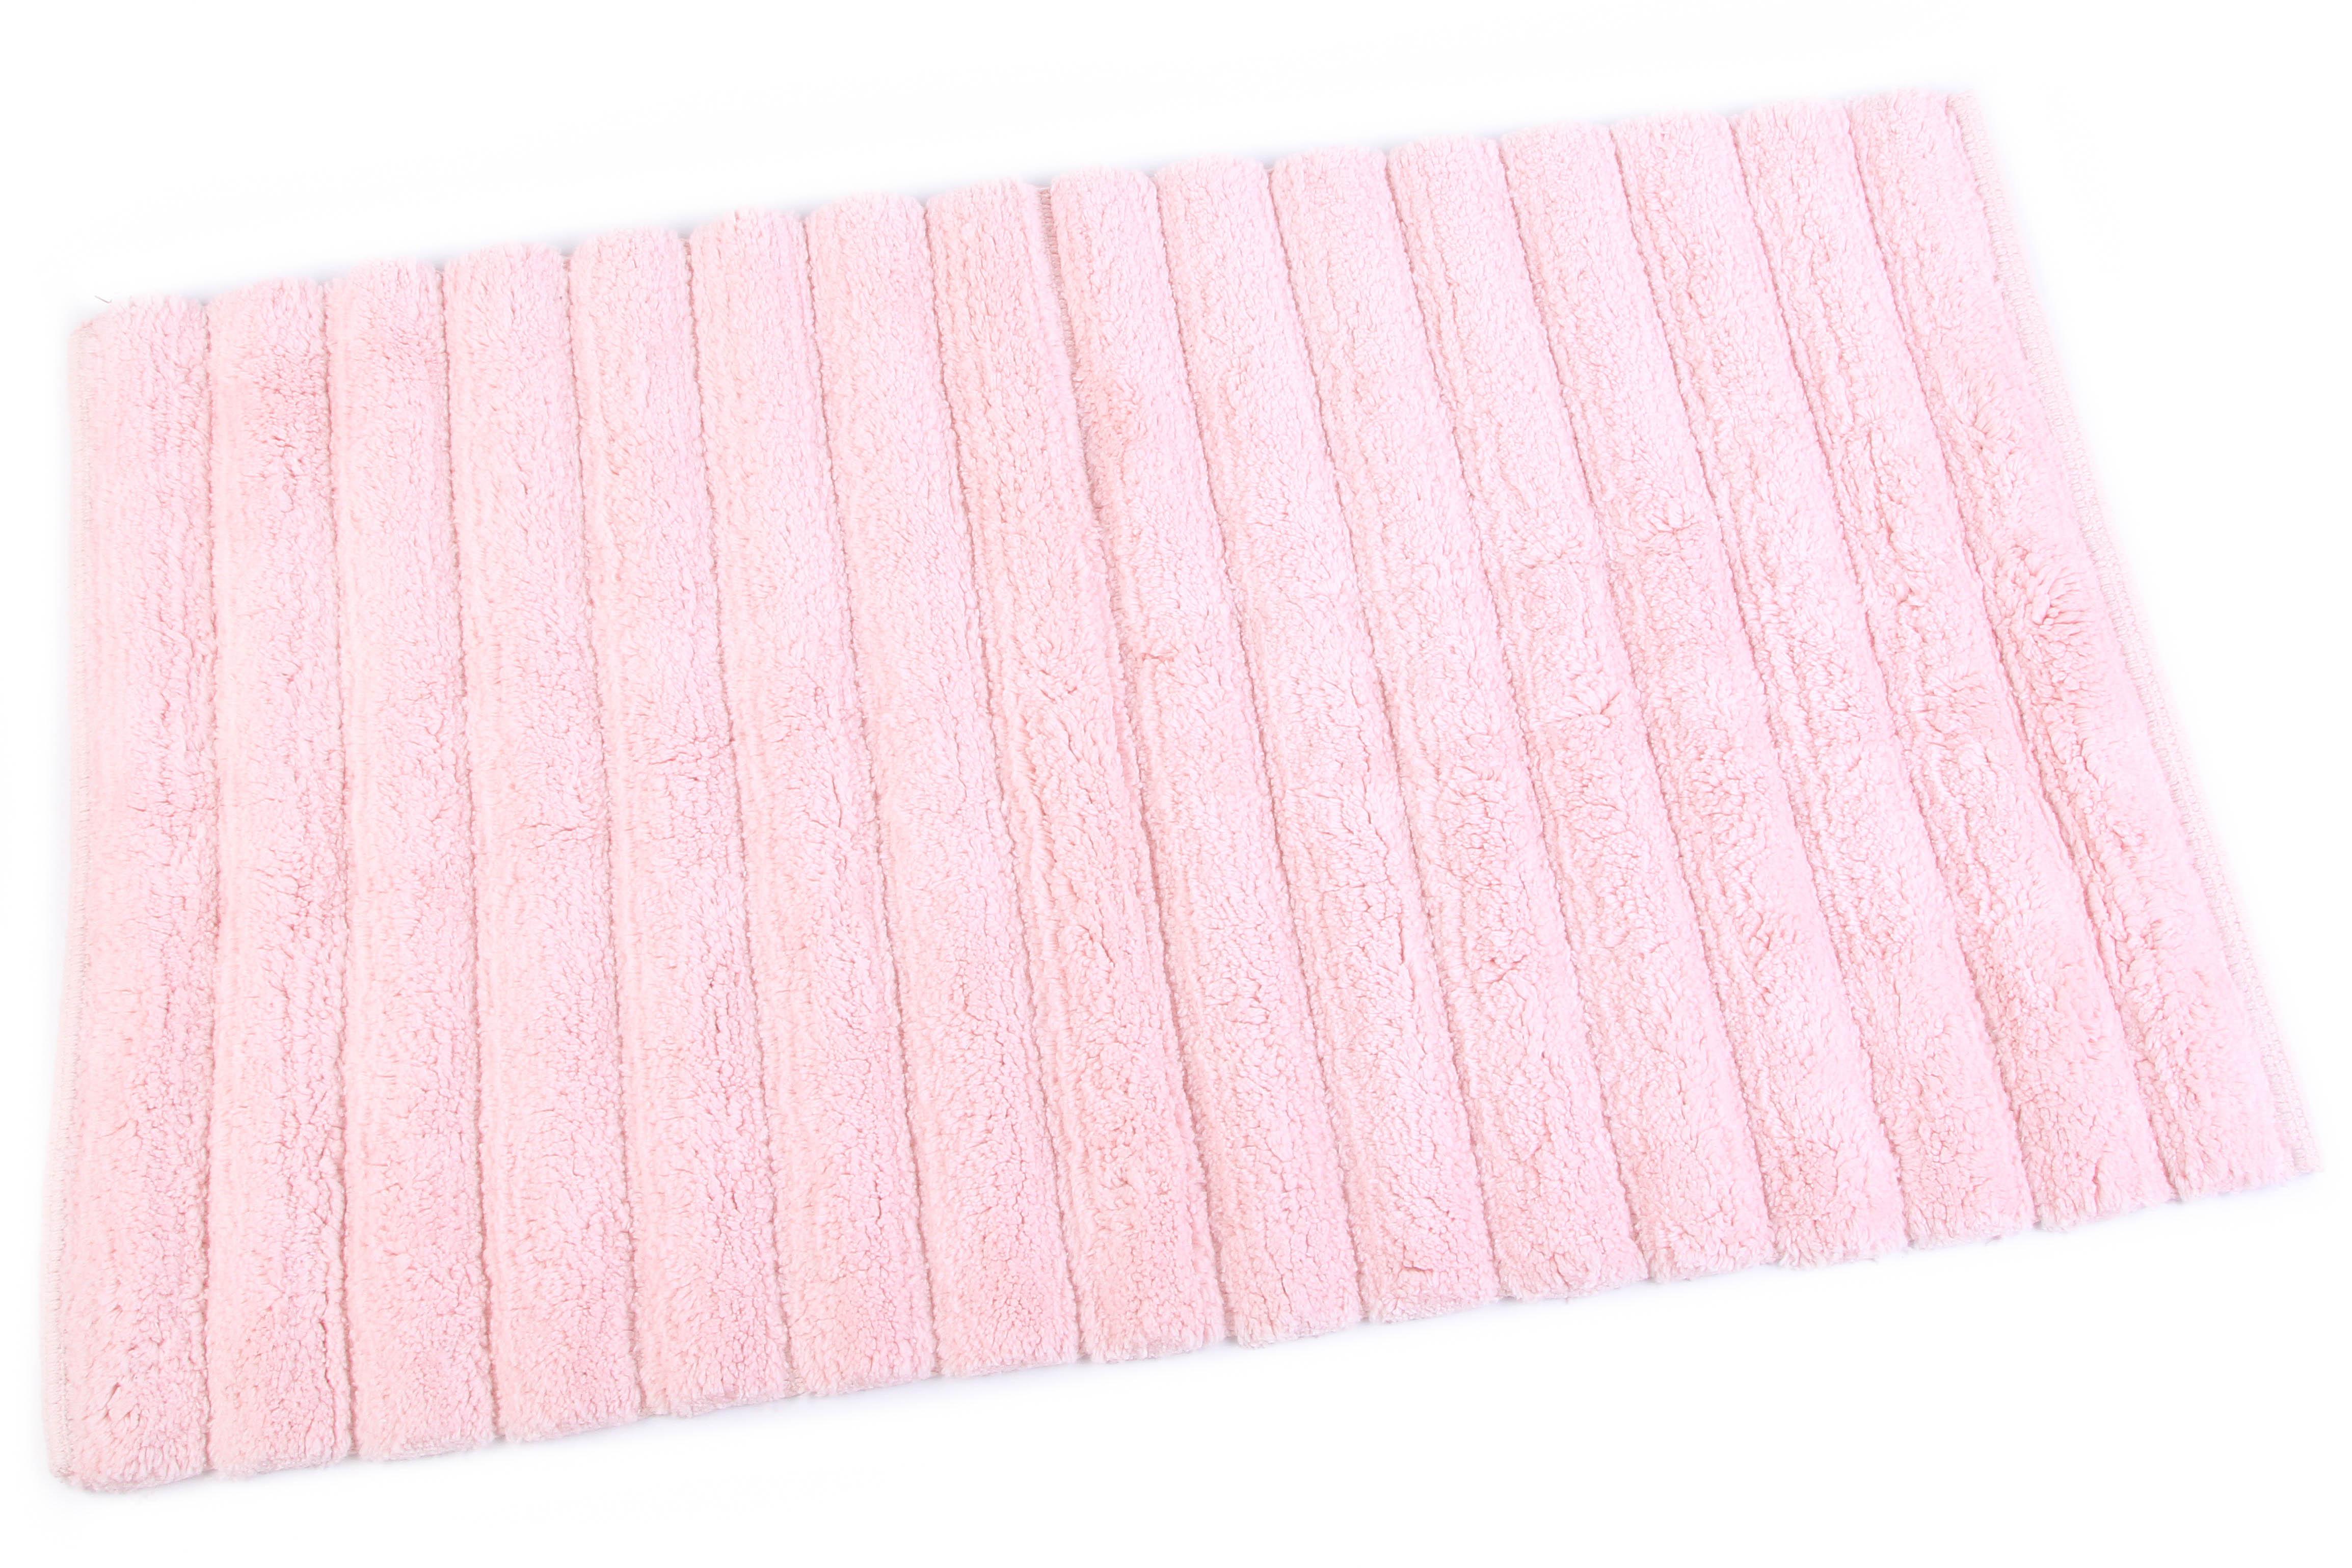 Аксессуары для ванной и туалета Ганг Коврик для ванной Tabitha Цвет: Розовый (50х80 см) коврик для ванной арти м 50х80 см розанна